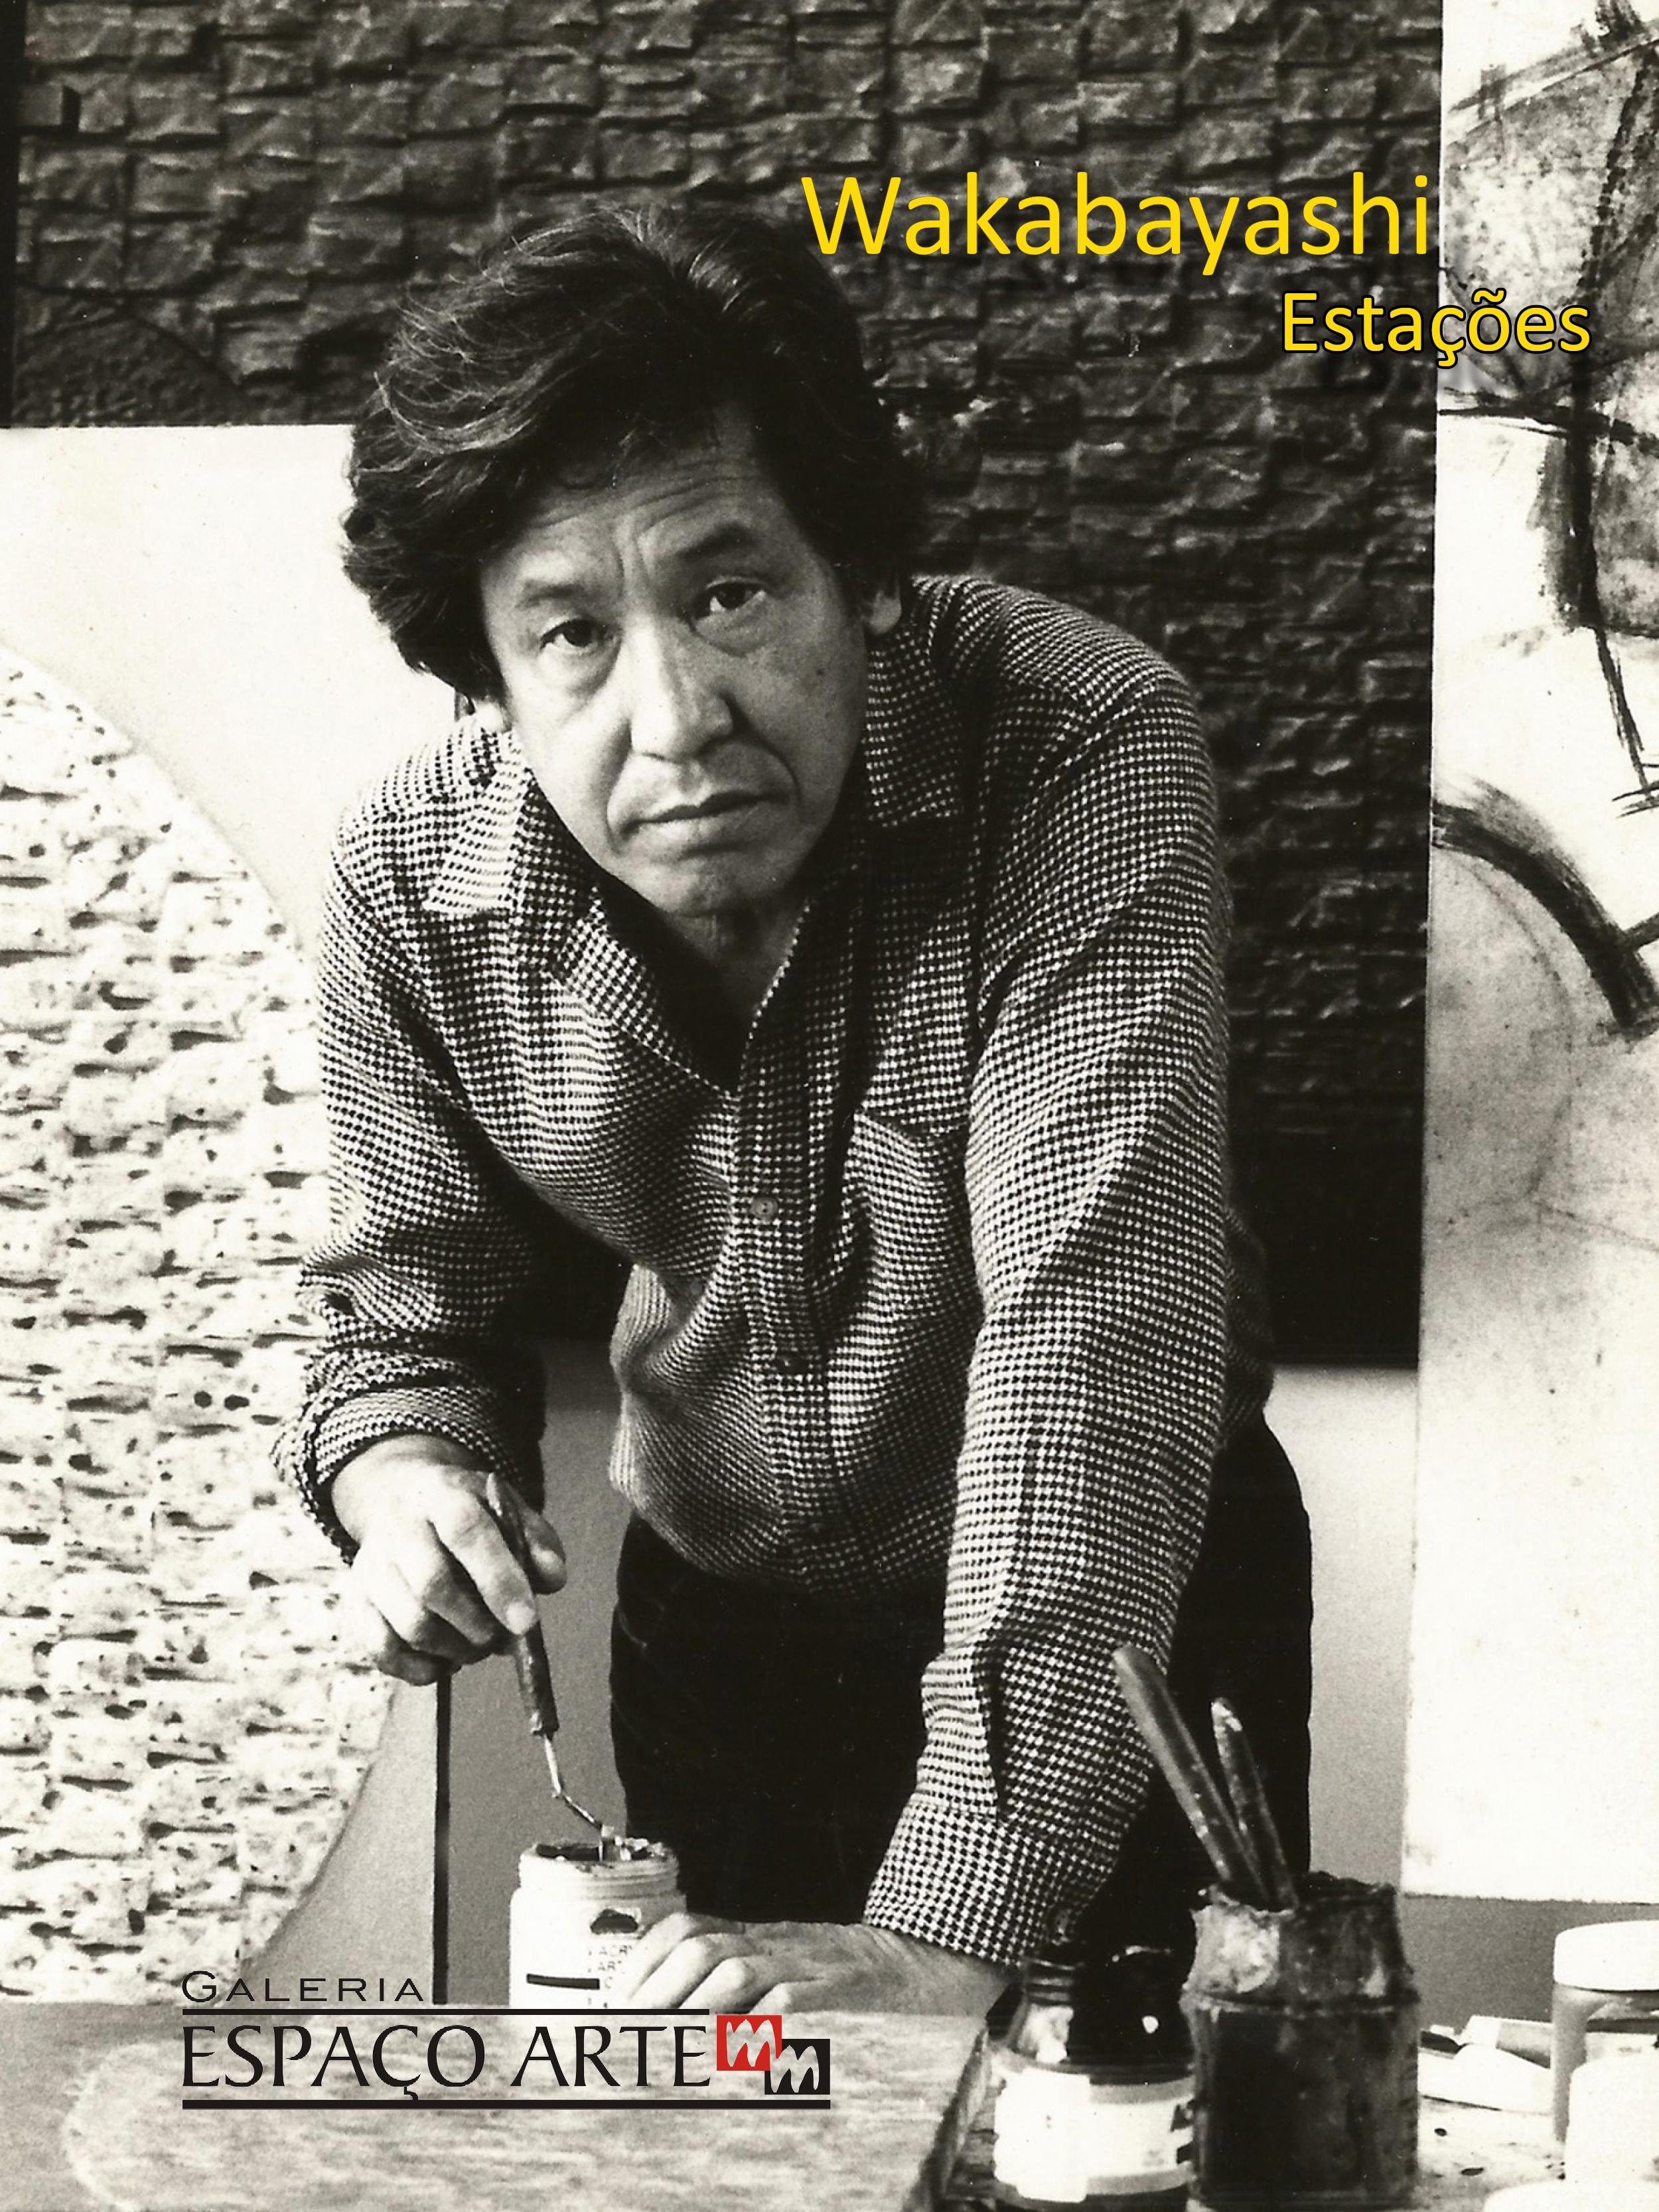 Exposição Kazuo Wakabayashi - Estações